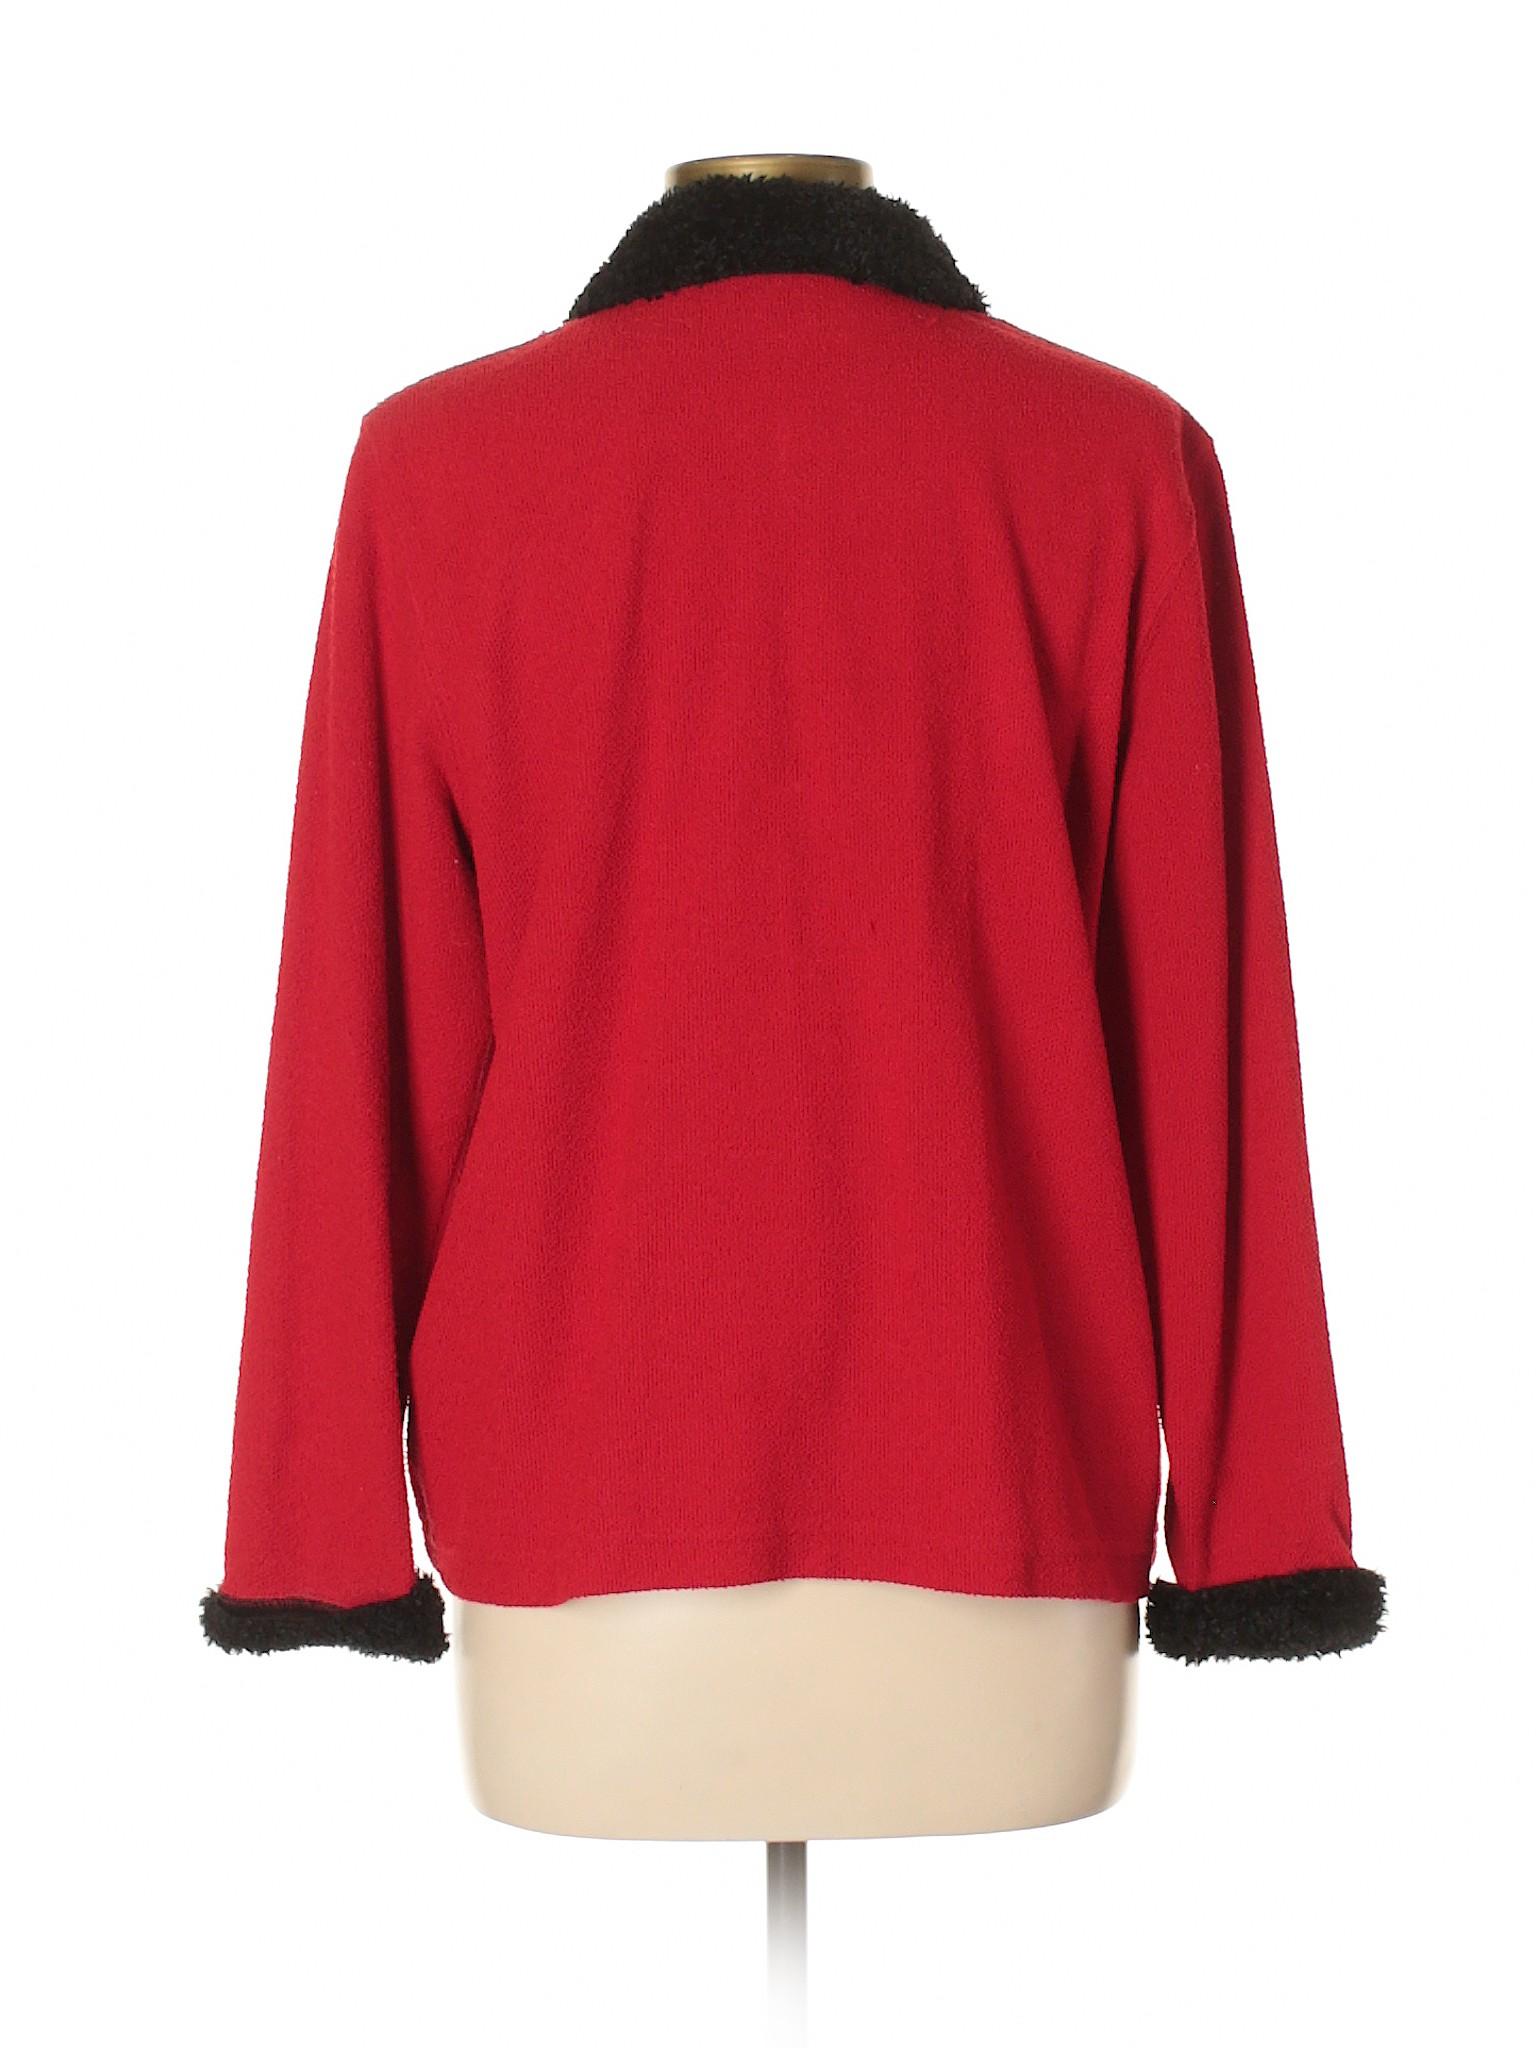 Jacket C winter Petites Boutique D 1P4F6wqA